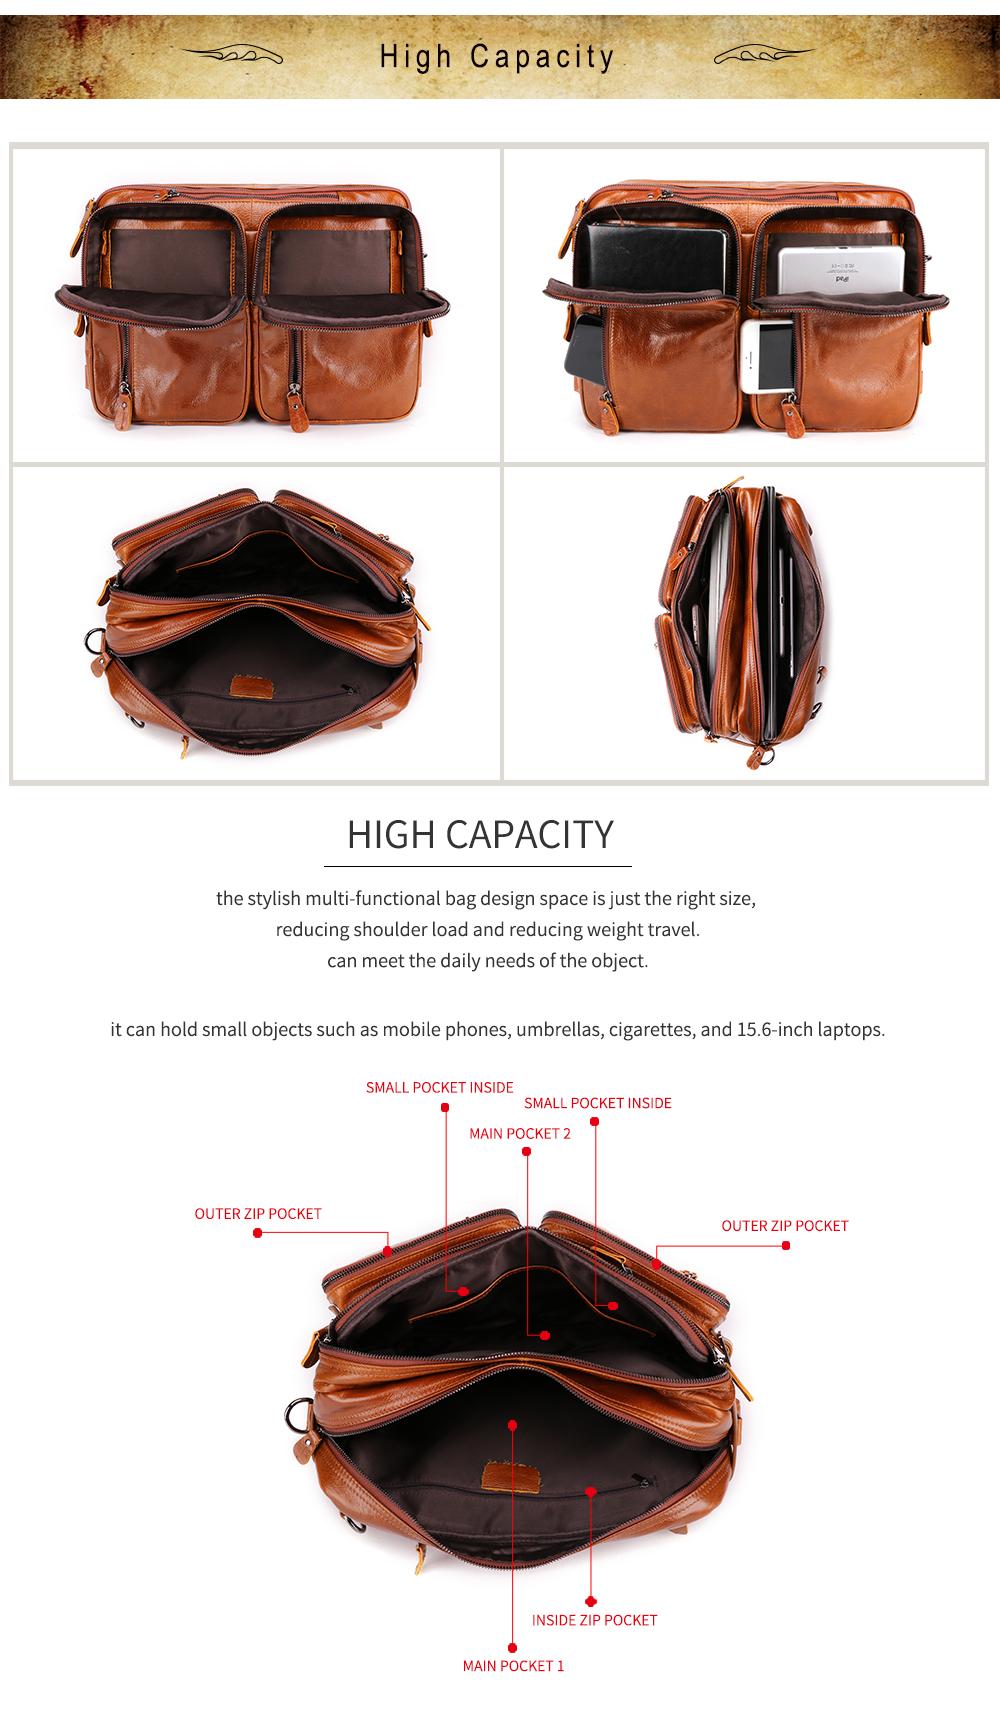 genuine-leather-vintage-men-travel-bag-duffel-bag-men-s-handbag-luggage-travel-bag-large-capacity-leather-shoulder-tote-01.jpg